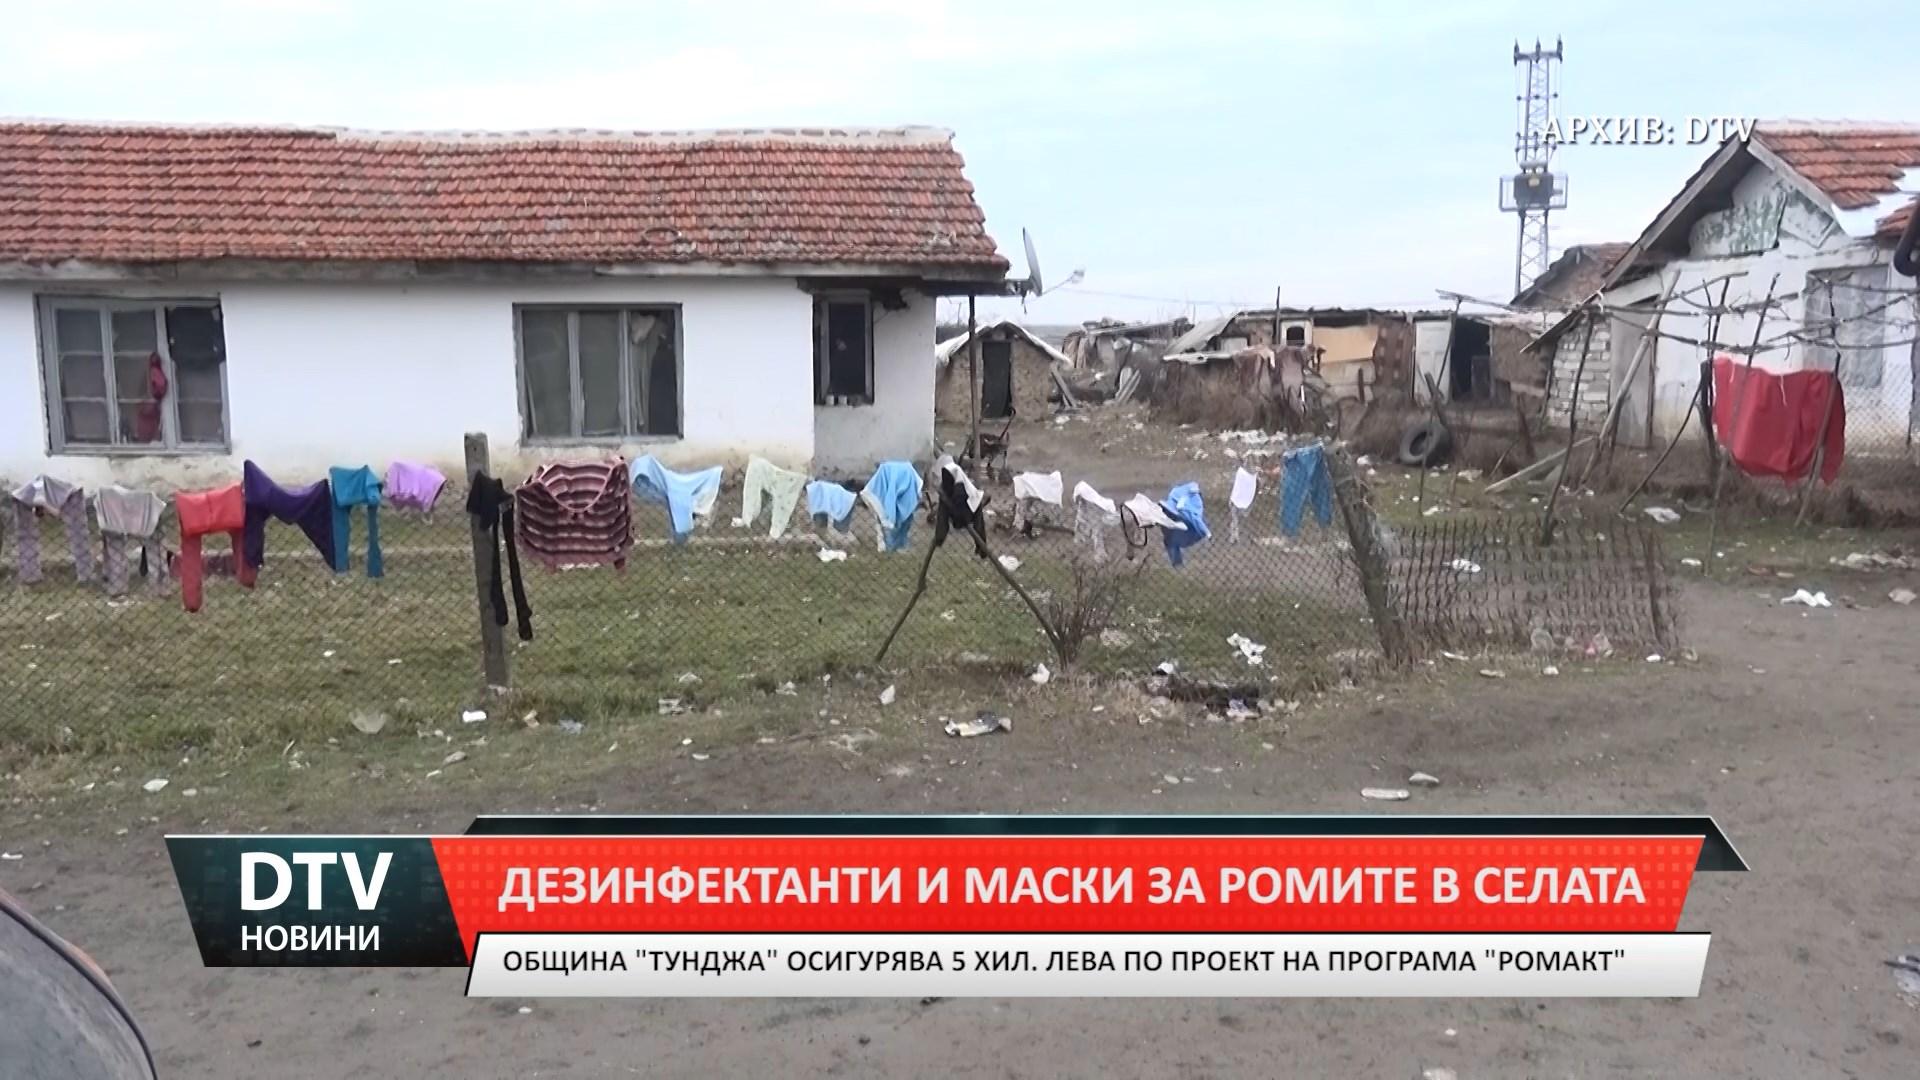 Дезинфектанти и маски за ромите по селата в община Тунджа